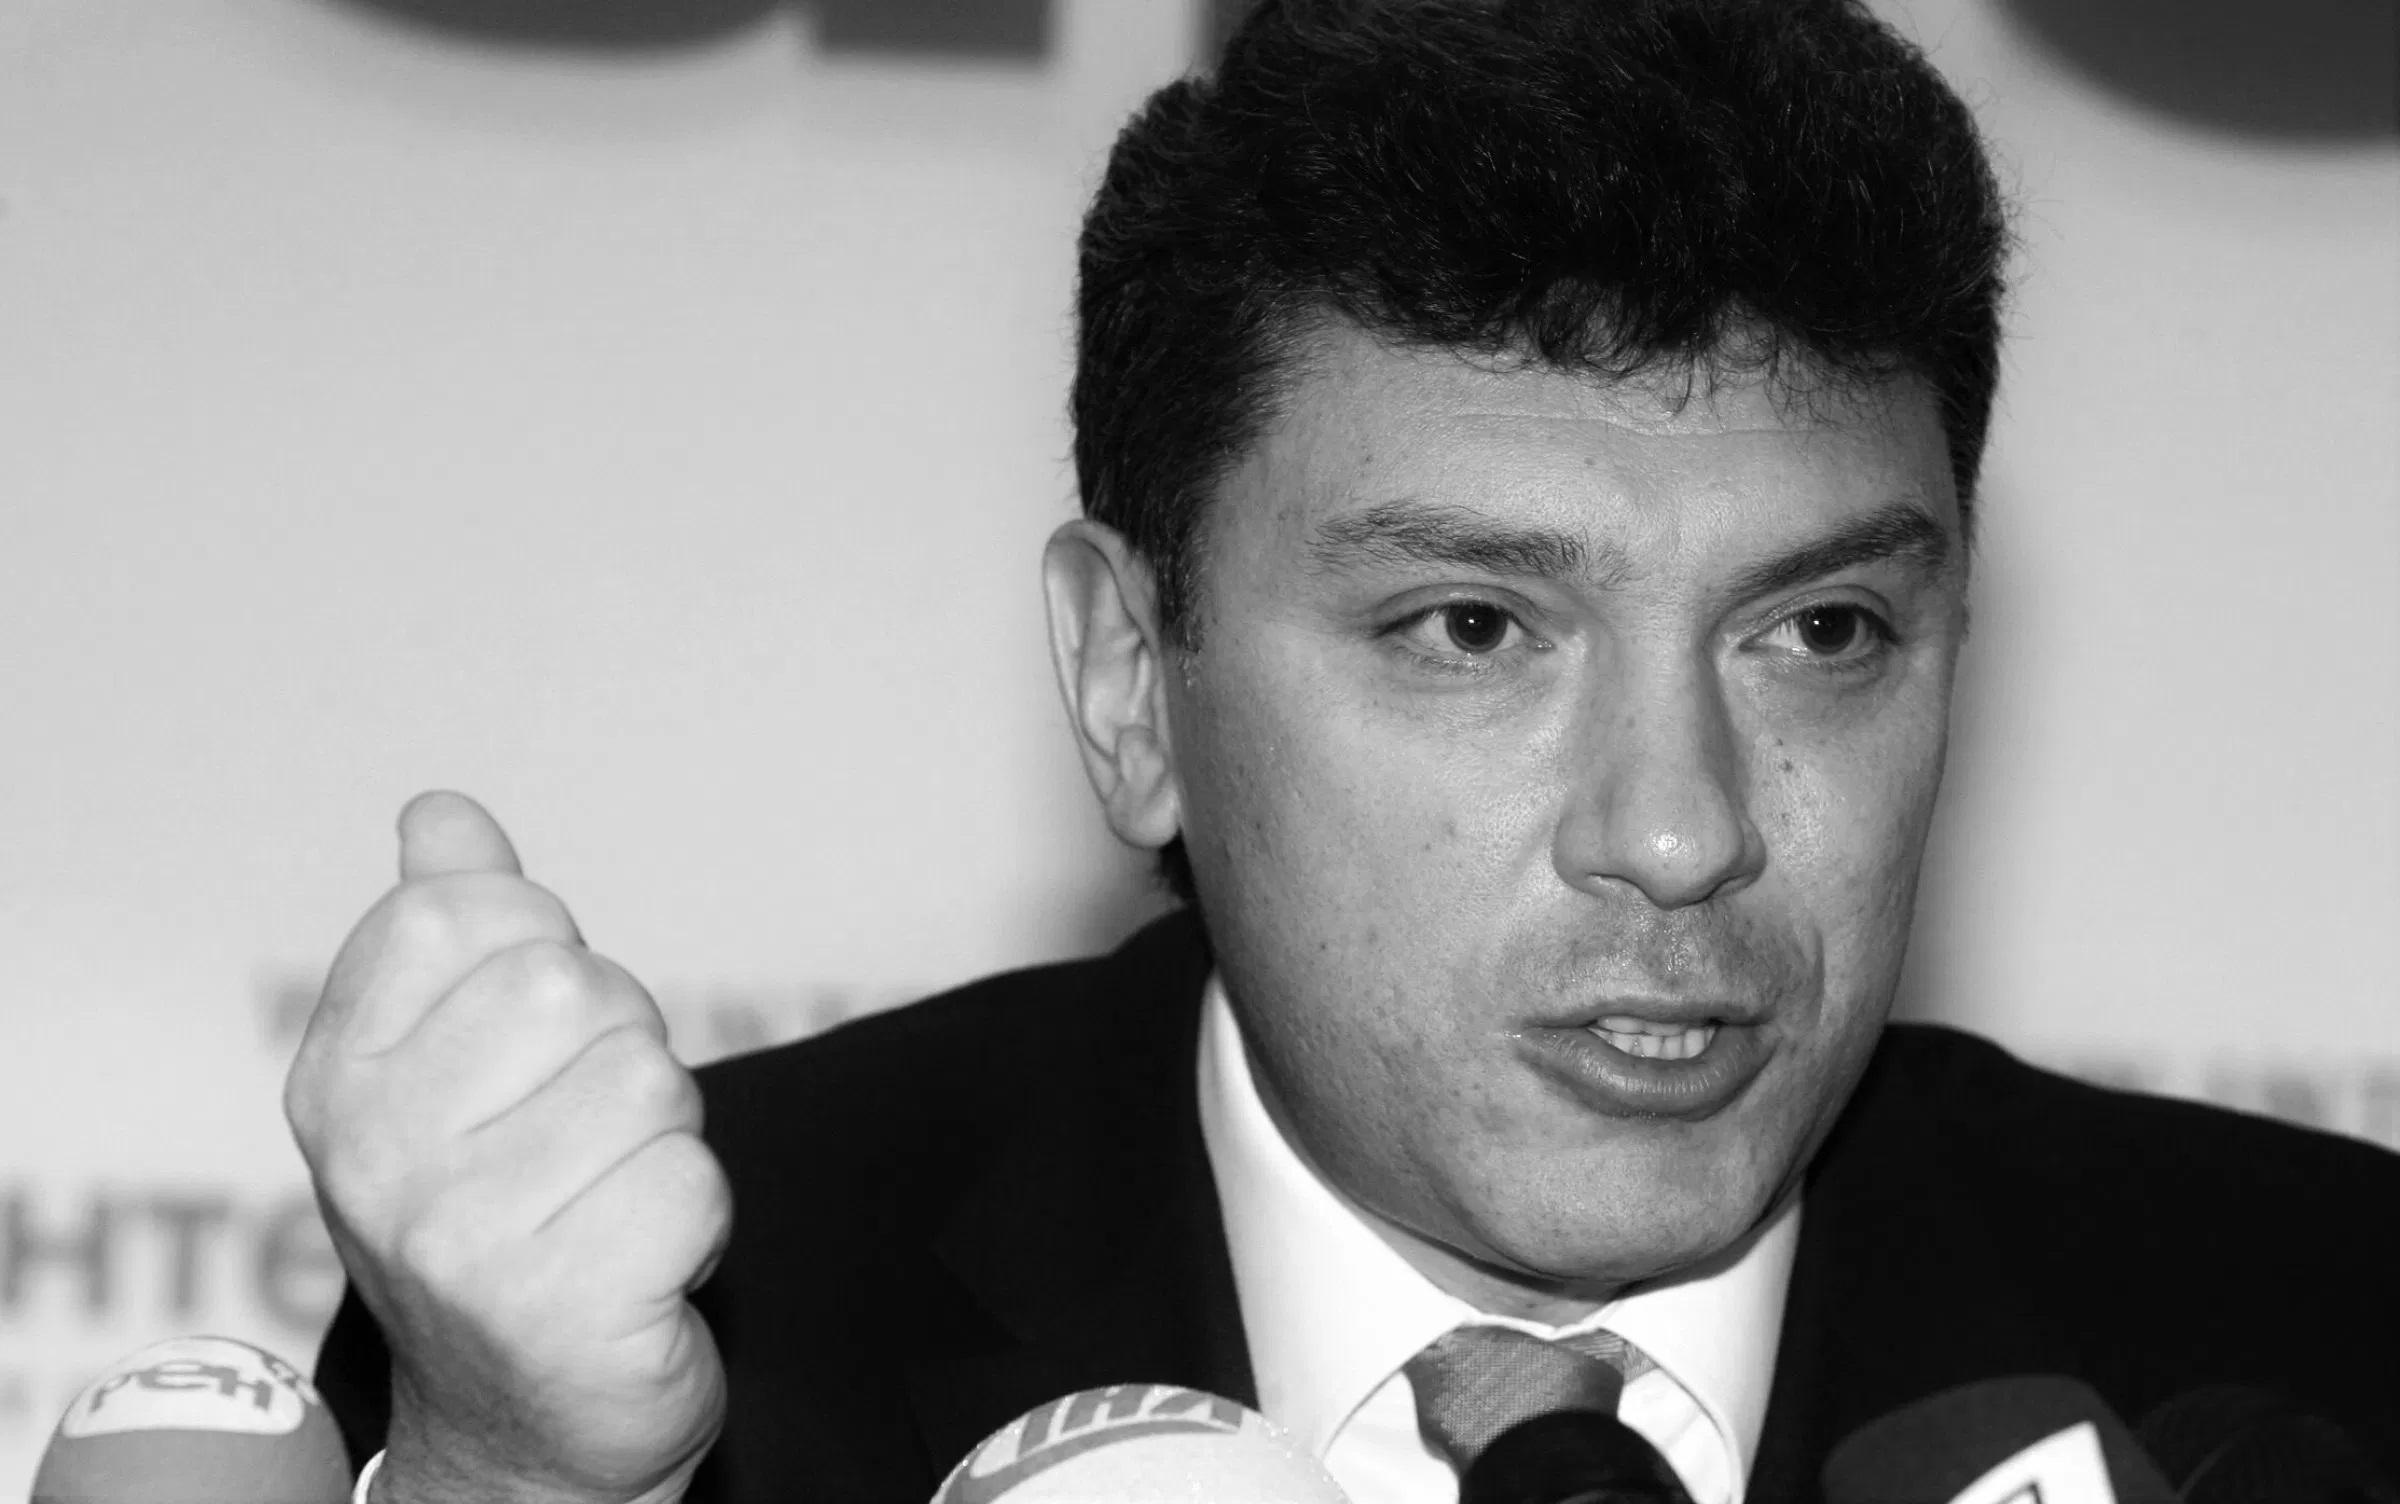 Увековечить имя Немцова. Открытое письмо общественных деятелей к мэру Москвы